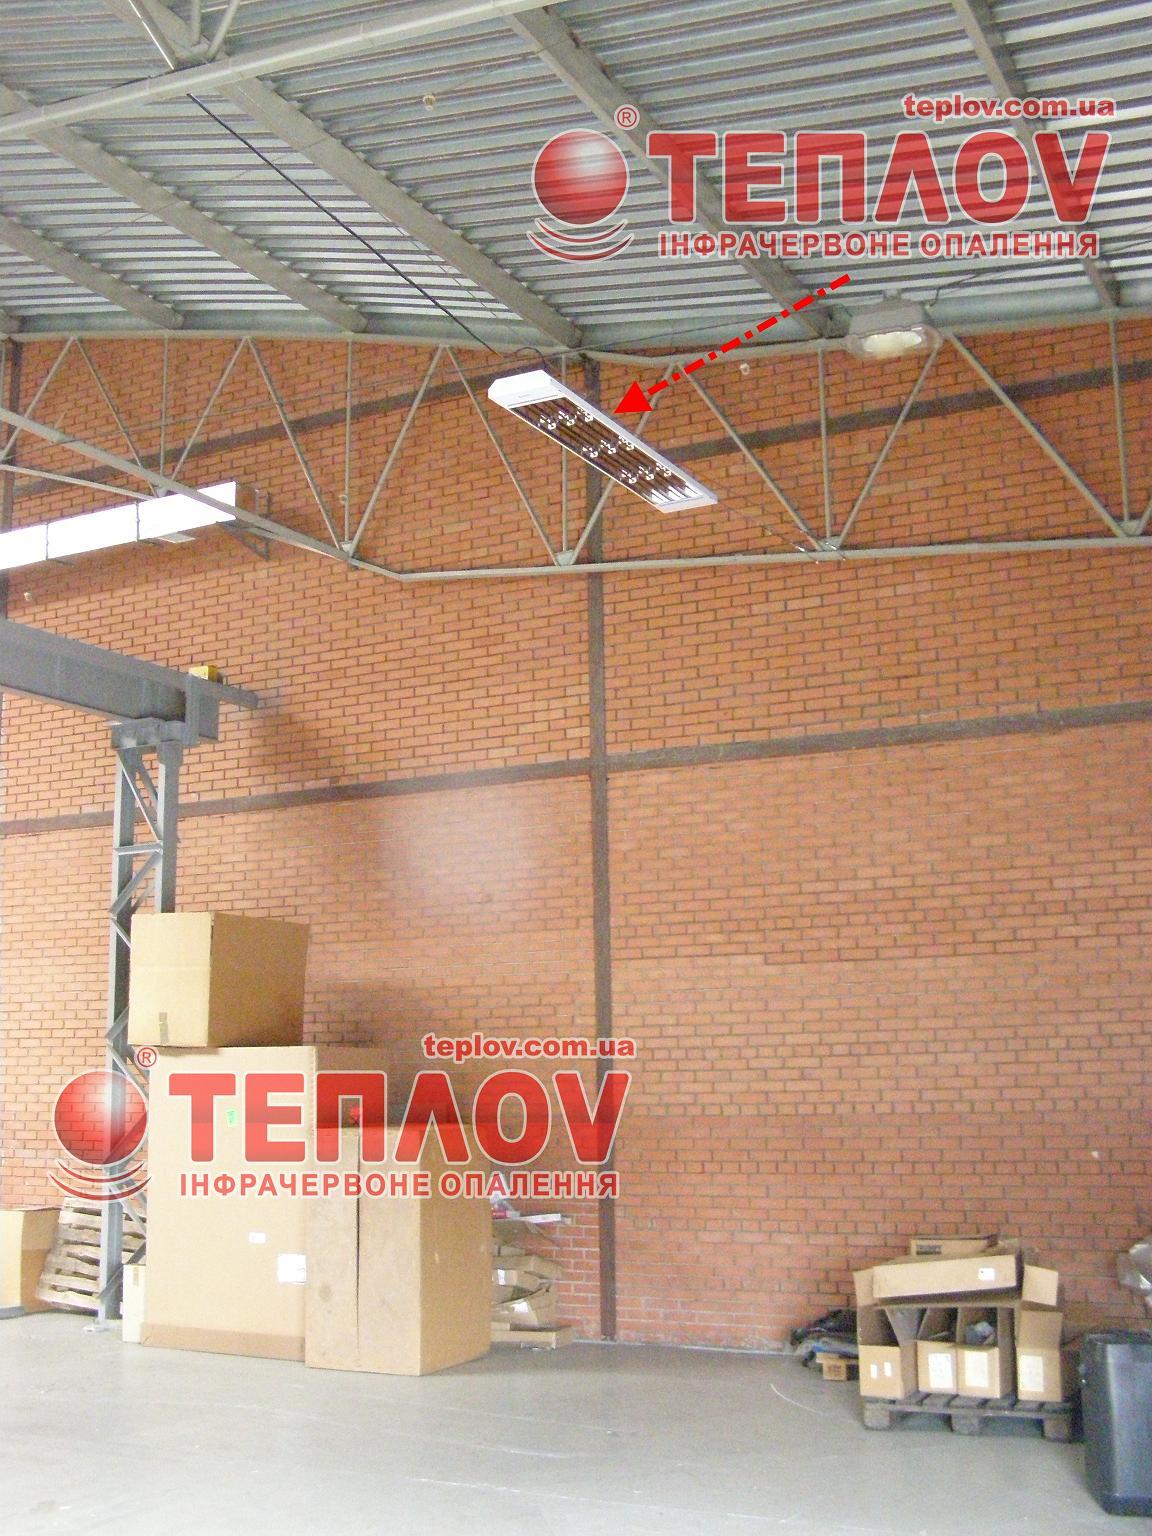 отопление промышленных зданий промышленными электрическими инфракрасными панелями